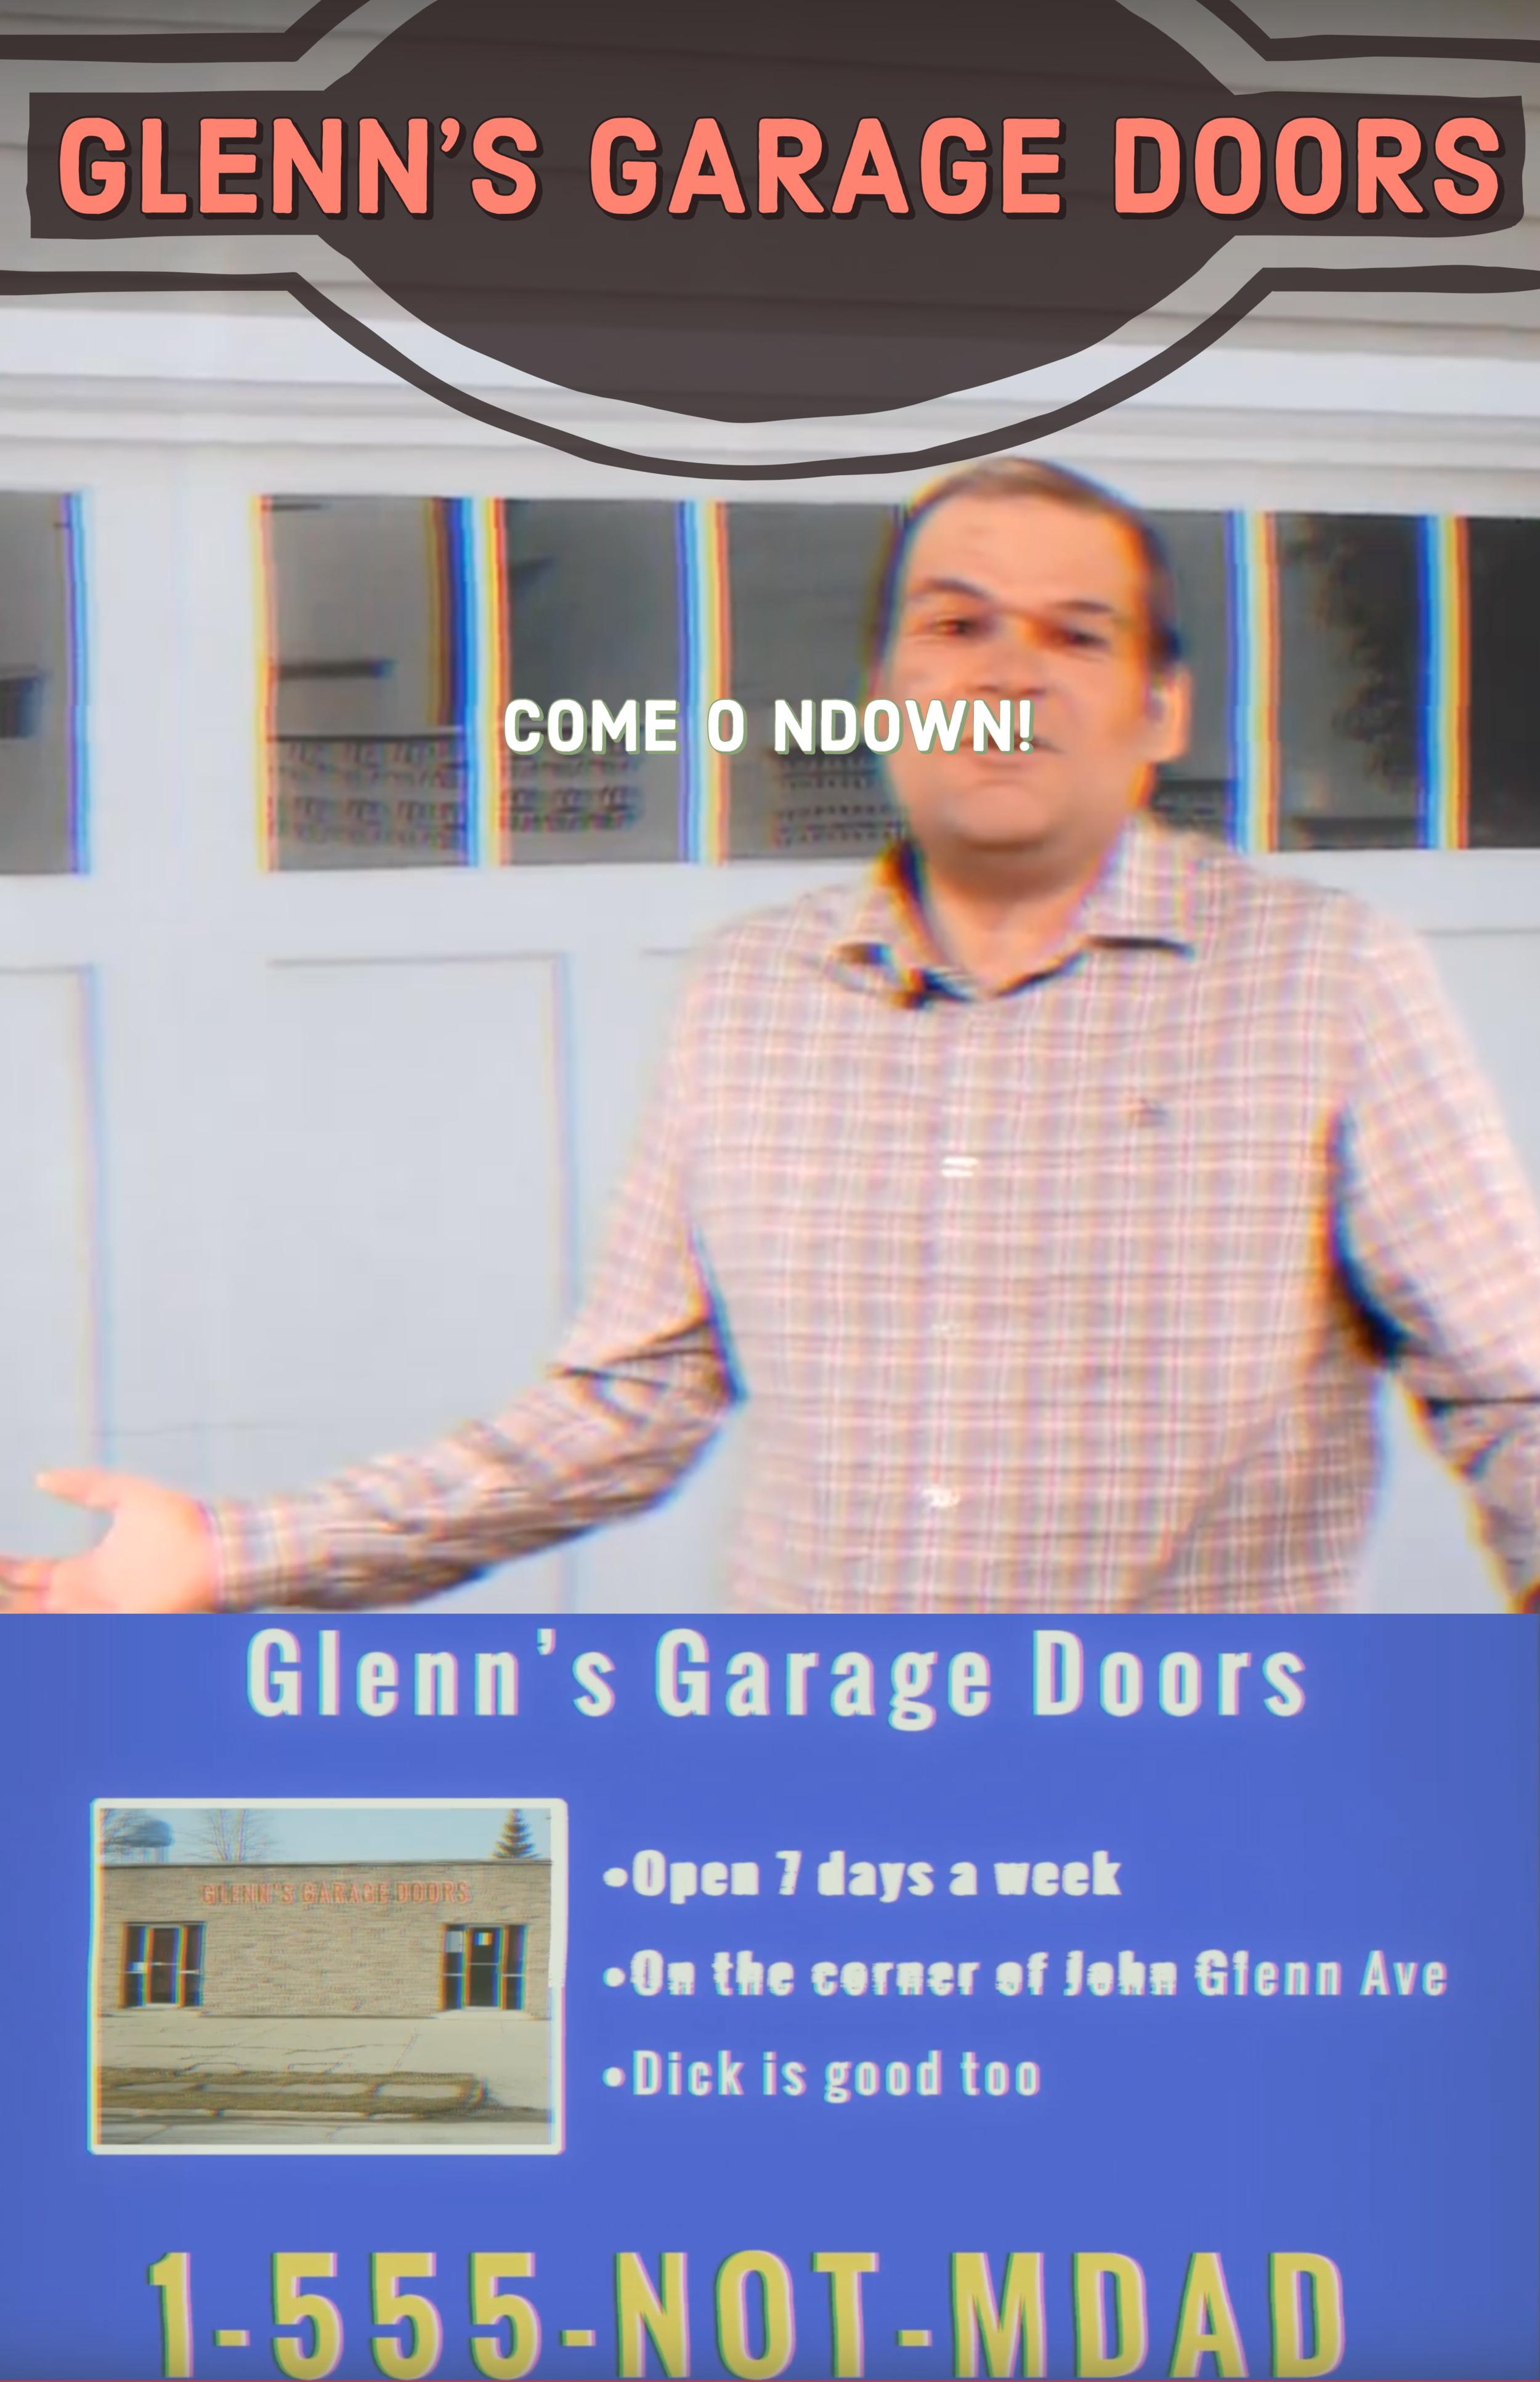 Glenn's Garage Doors (2016)